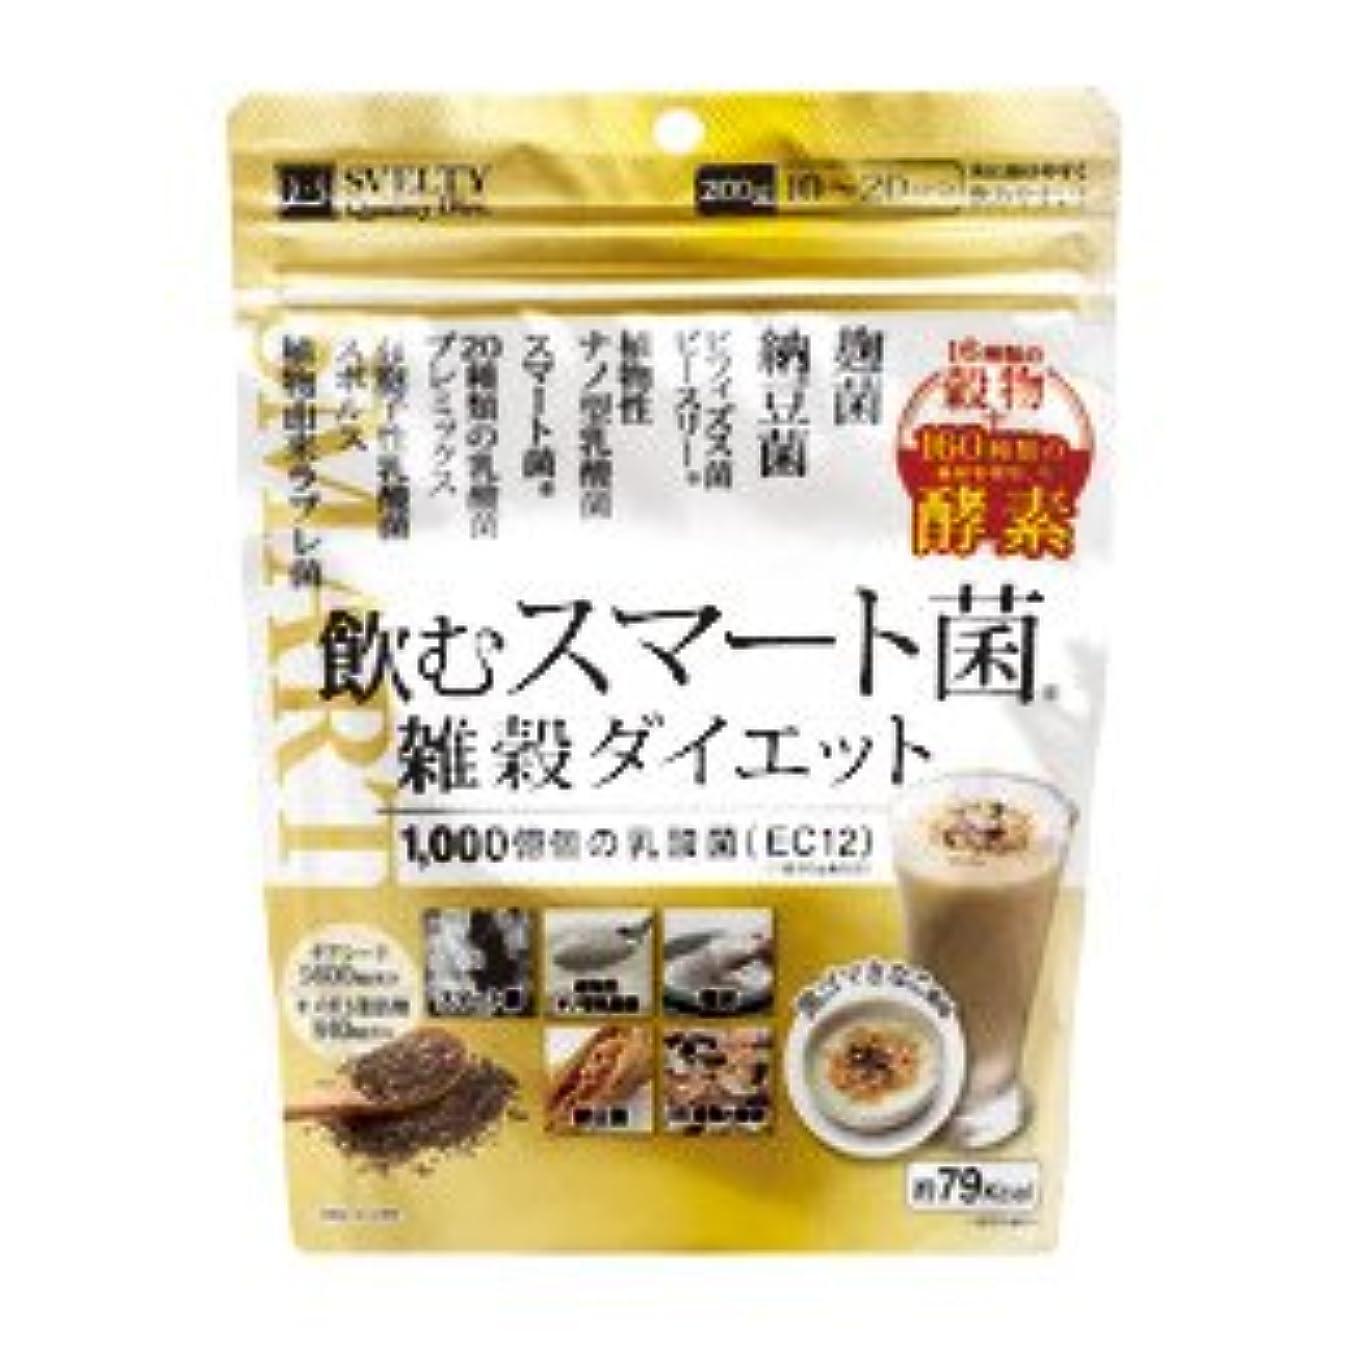 申請中オリエンテーション真実イムノス 飲むスマート菌 雑穀ダイエット 200g×36個